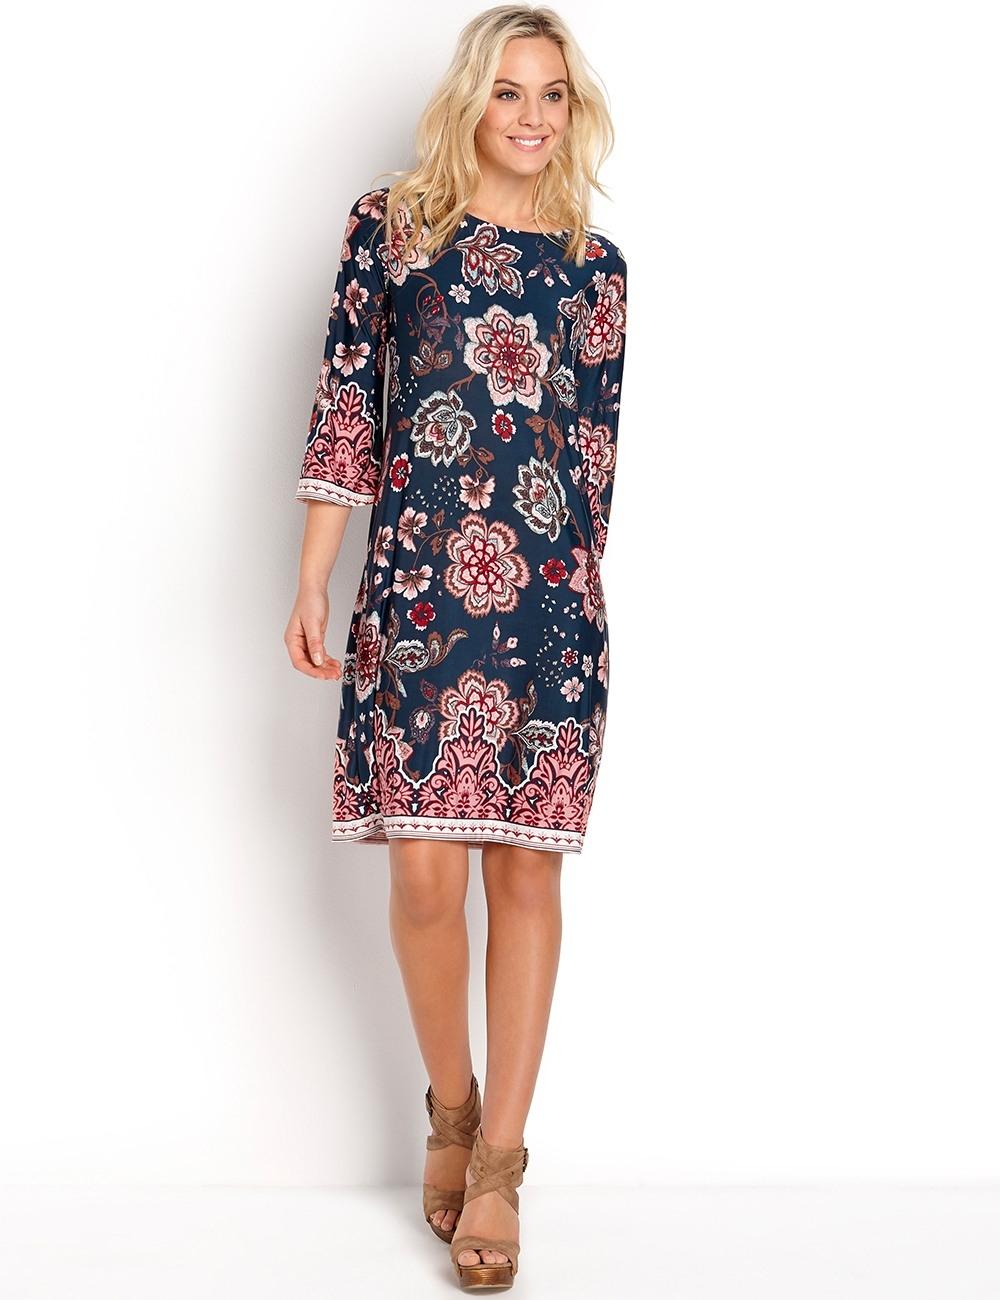 Formal Großartig Kleid Mit Blumenprint Vertrieb20 Genial Kleid Mit Blumenprint Bester Preis